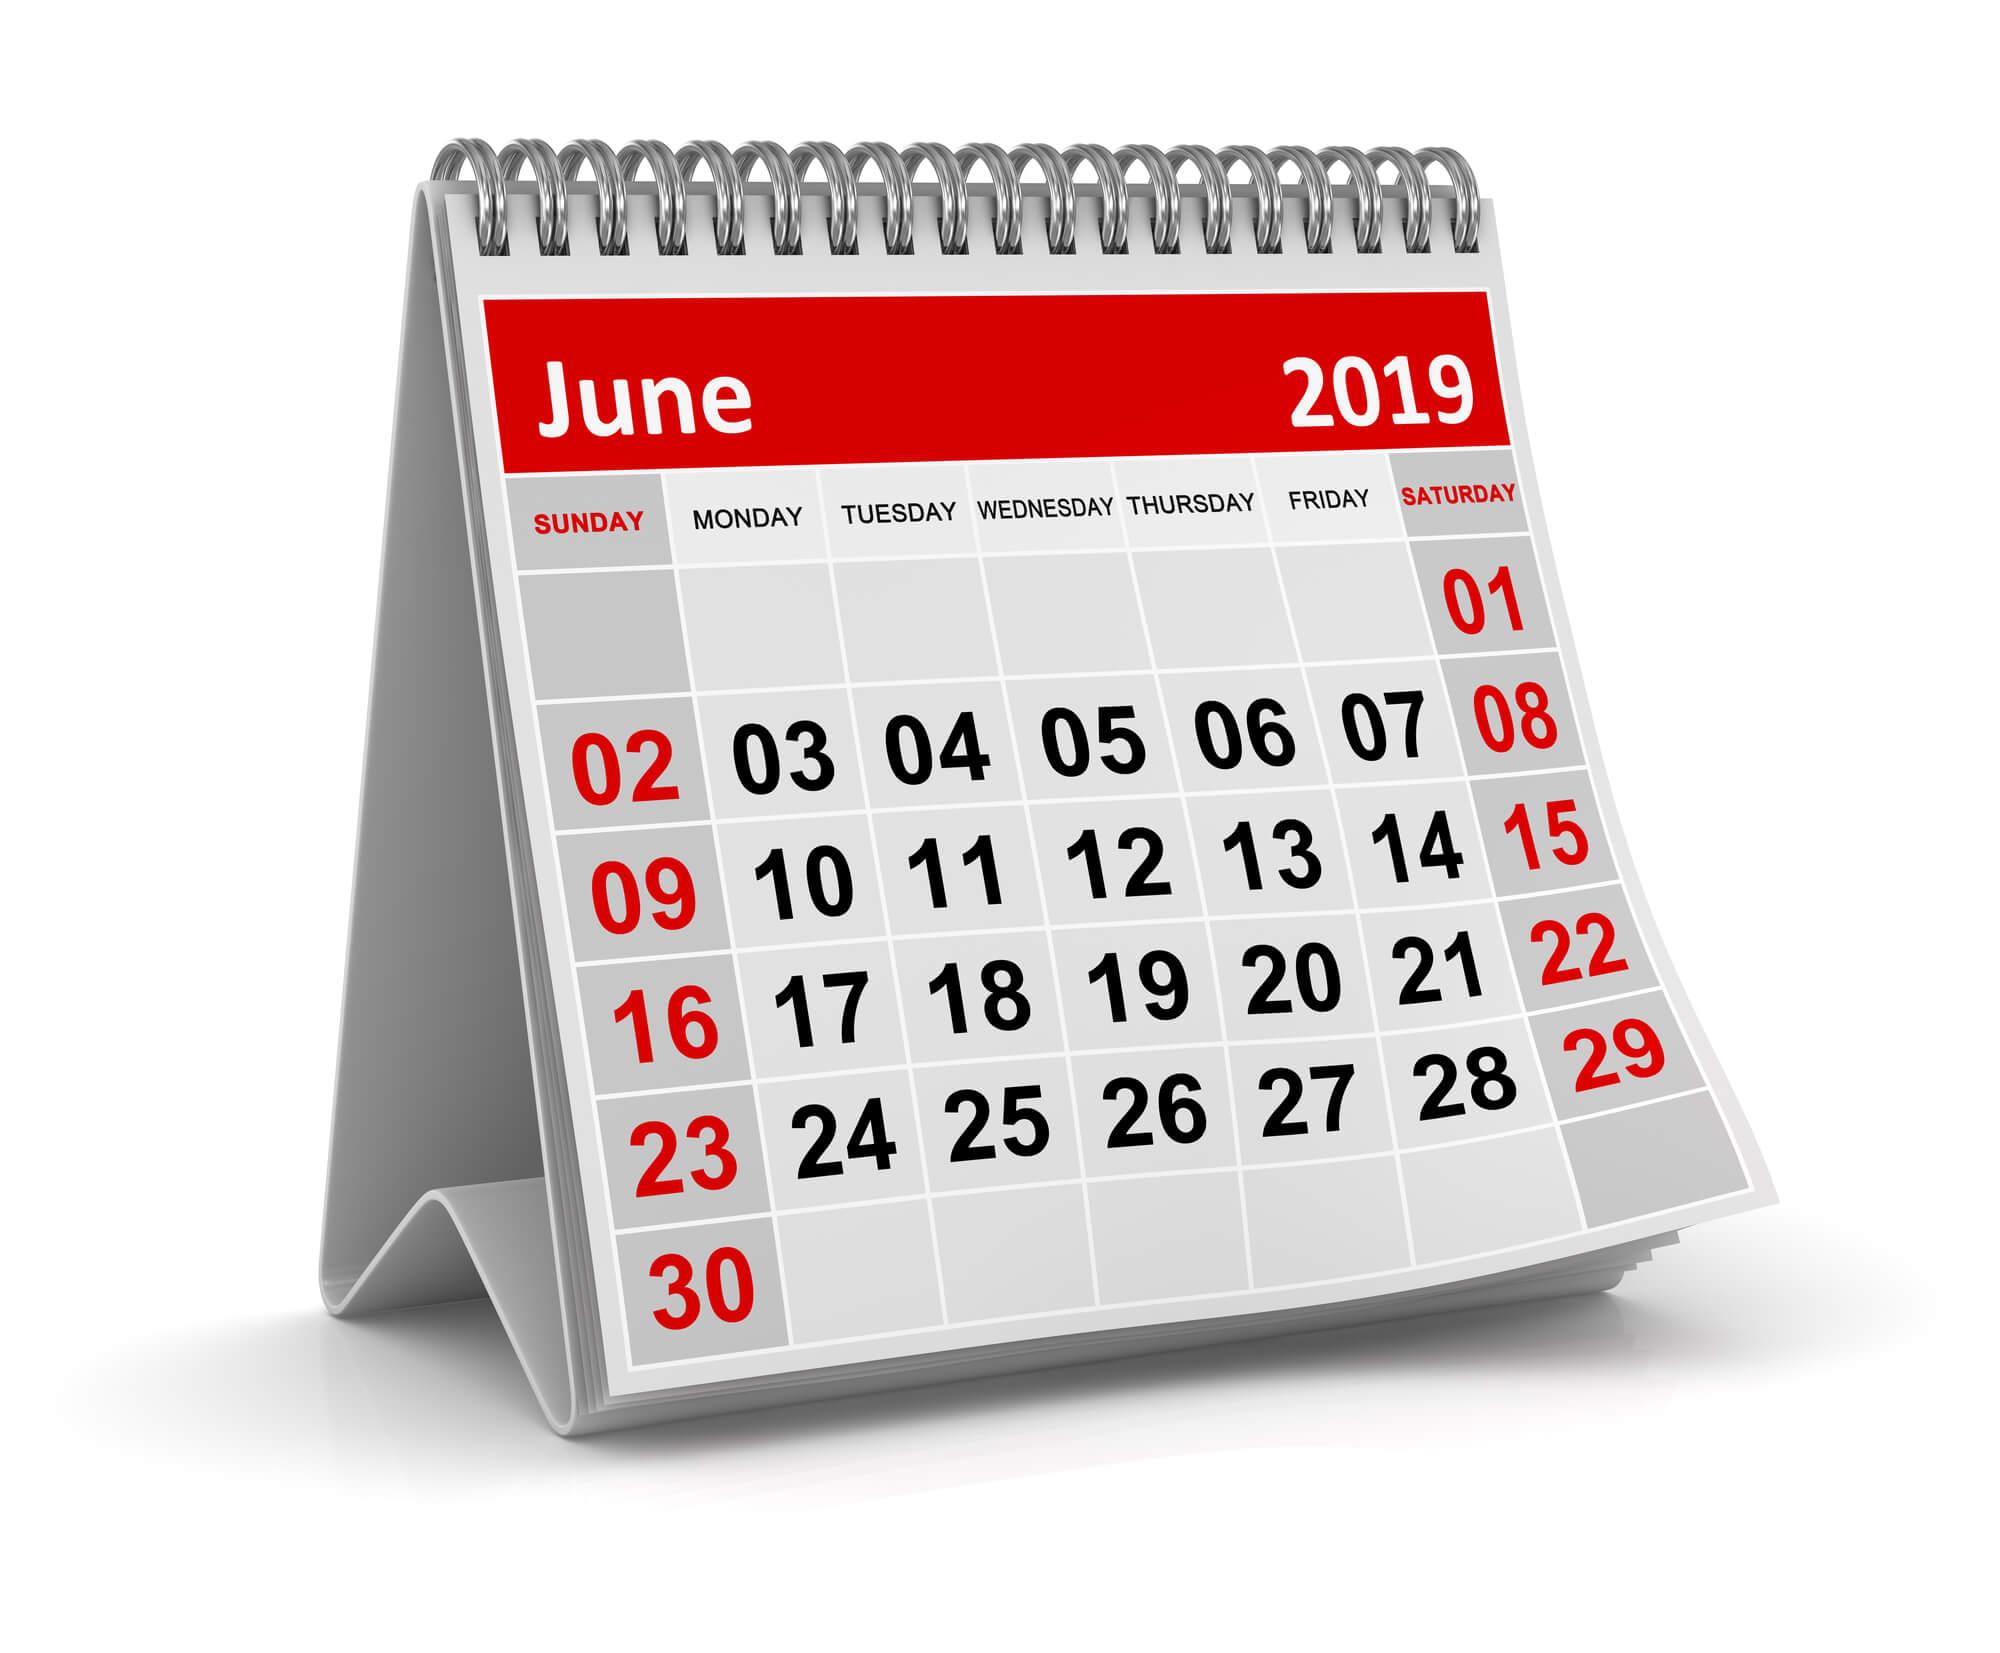 【6月は自社に合うイベントでアプローチ】販促企画のツボ vol.14